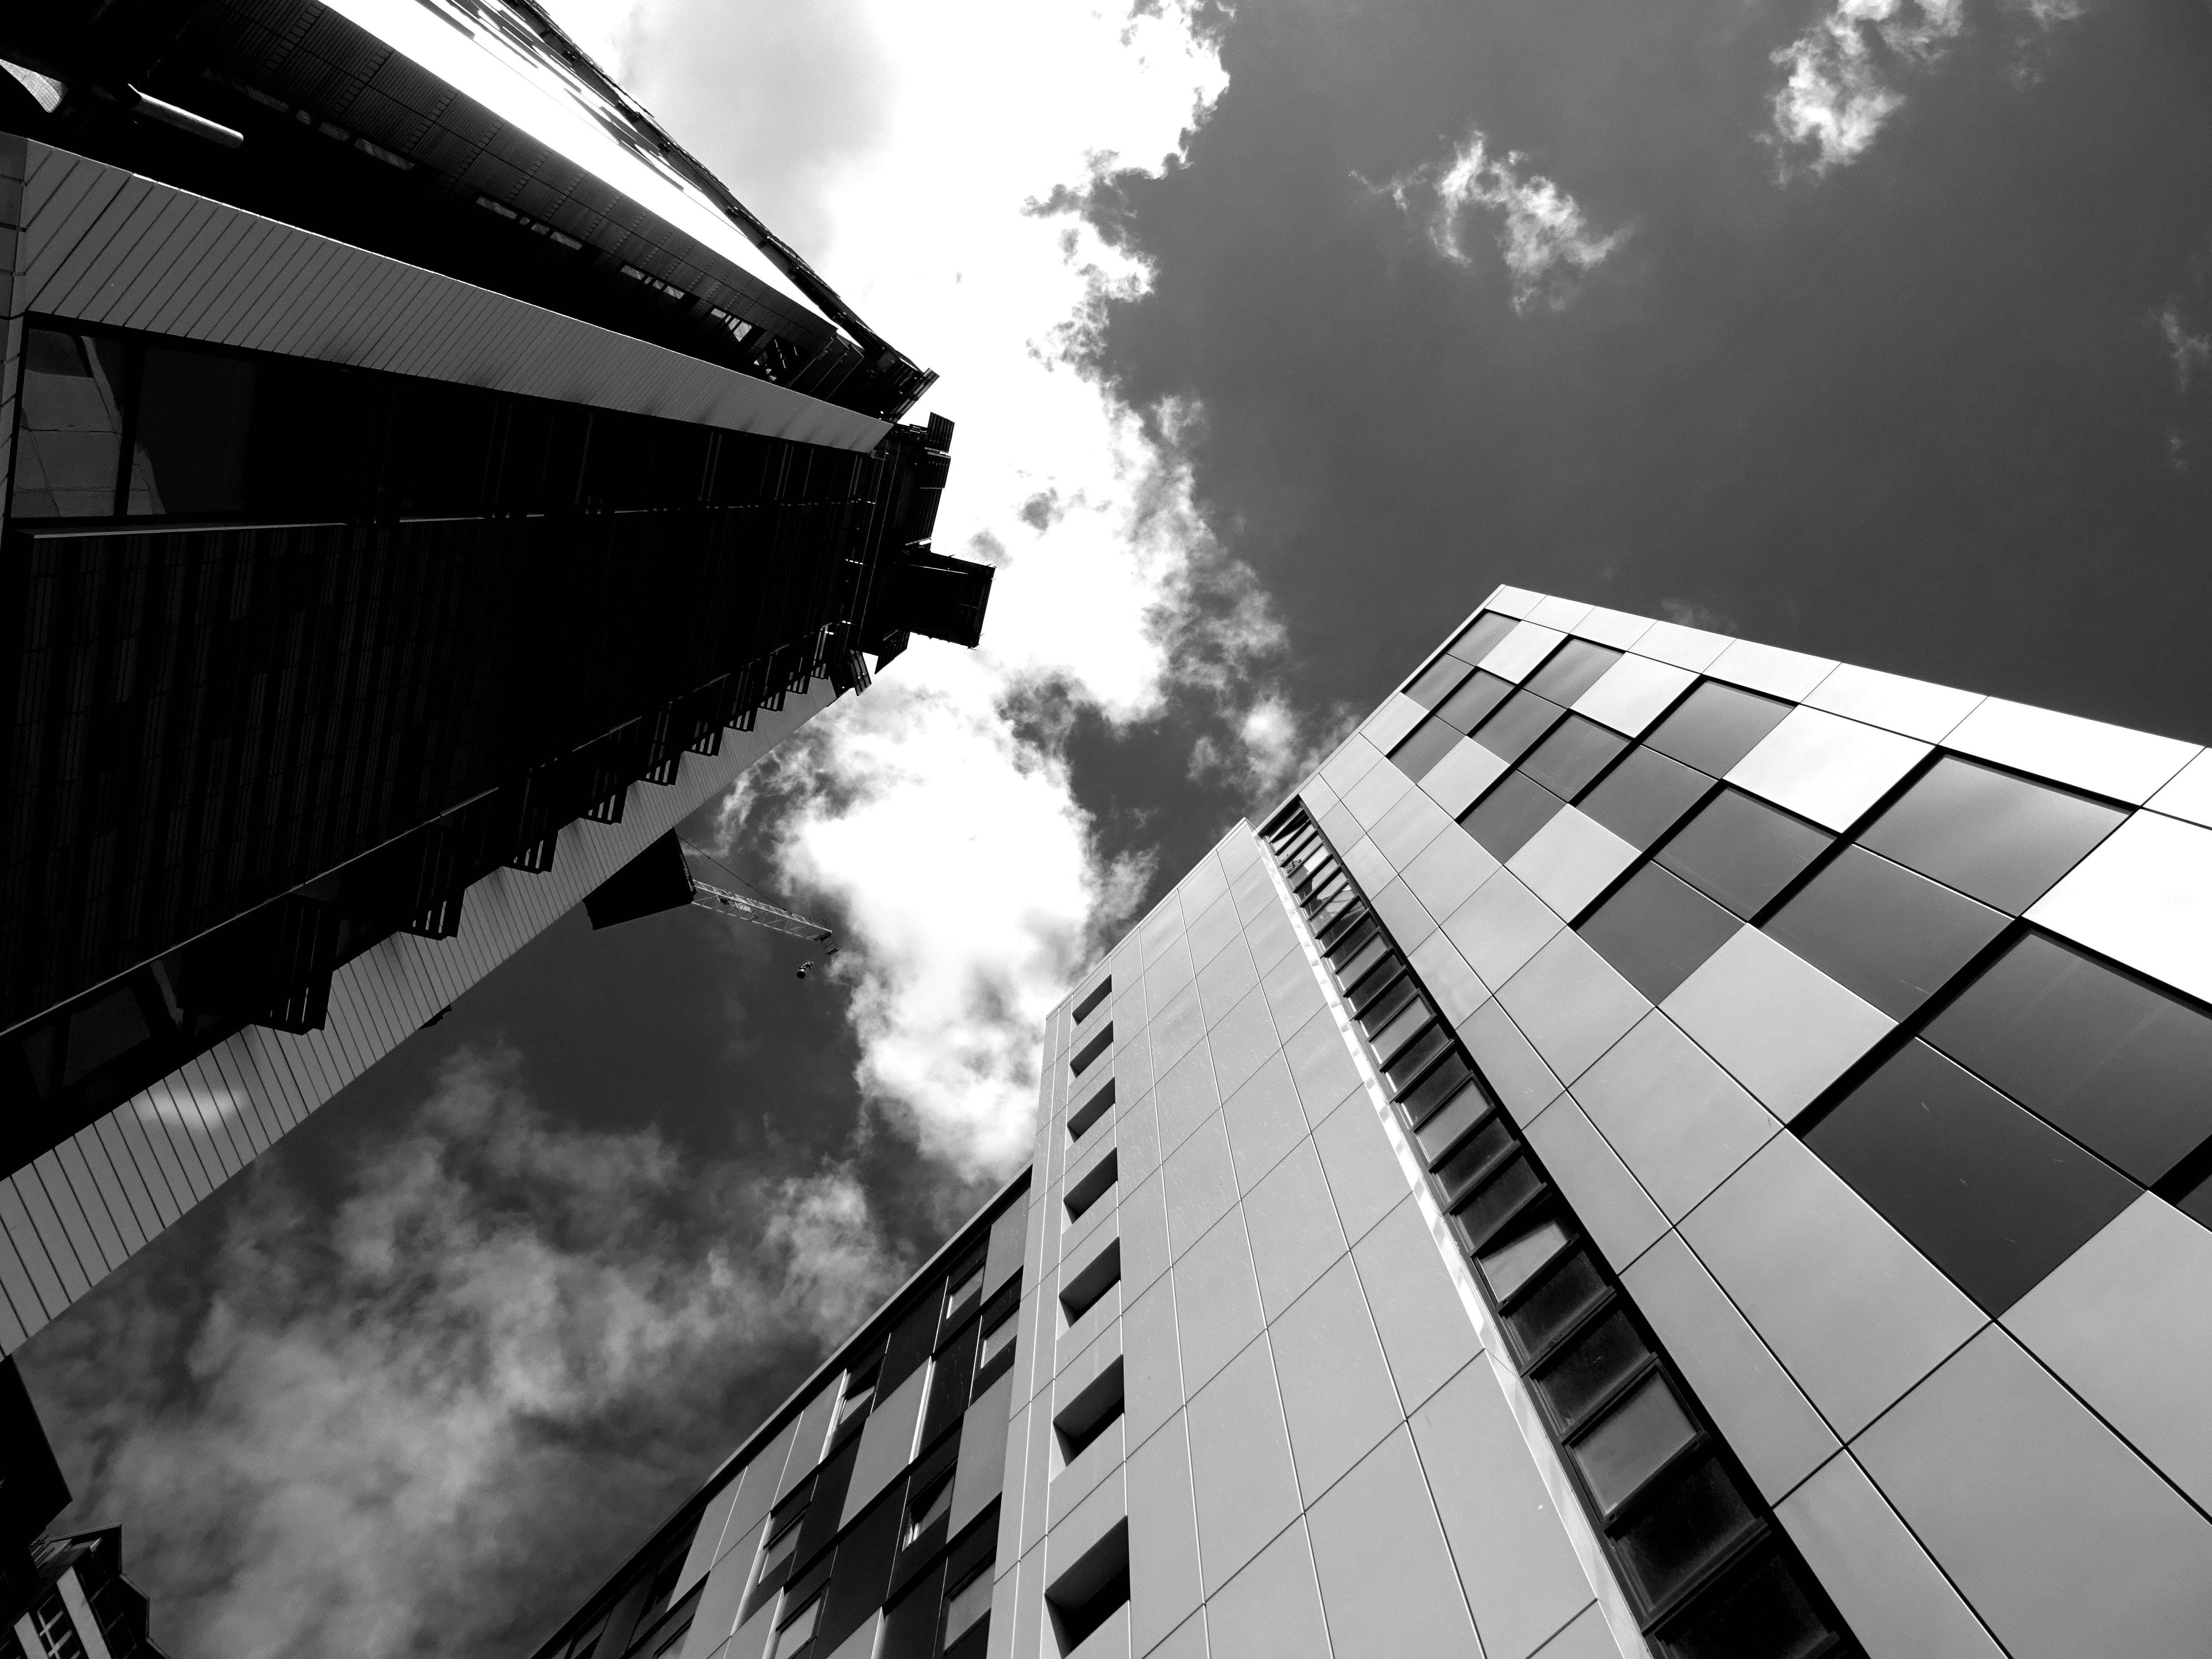 Ảnh lưu trữ miễn phí về bầu trời, các cửa sổ, các tòa nhà, chén